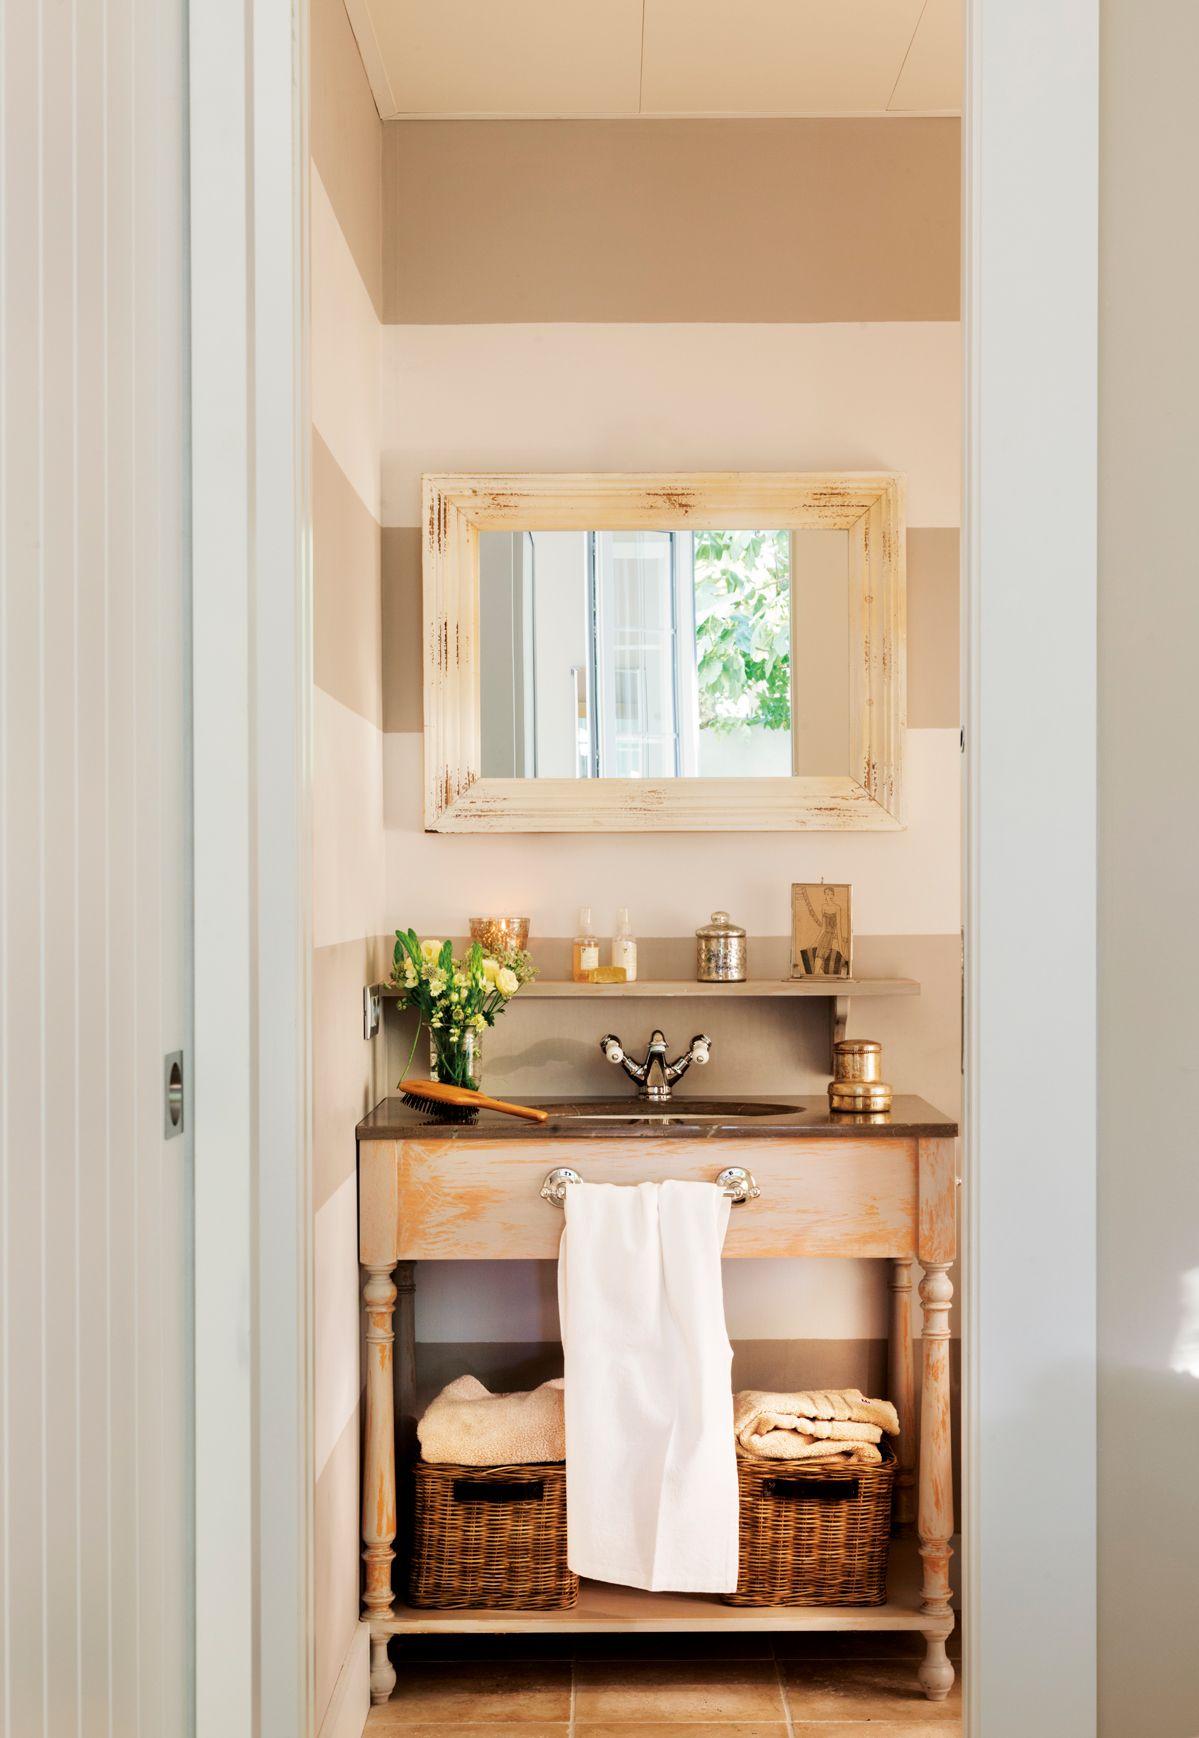 Muebles Bajo Lavabo Rusticos.10 Ideas Geniales Para Banos Reales Bany Muebles Para Banos